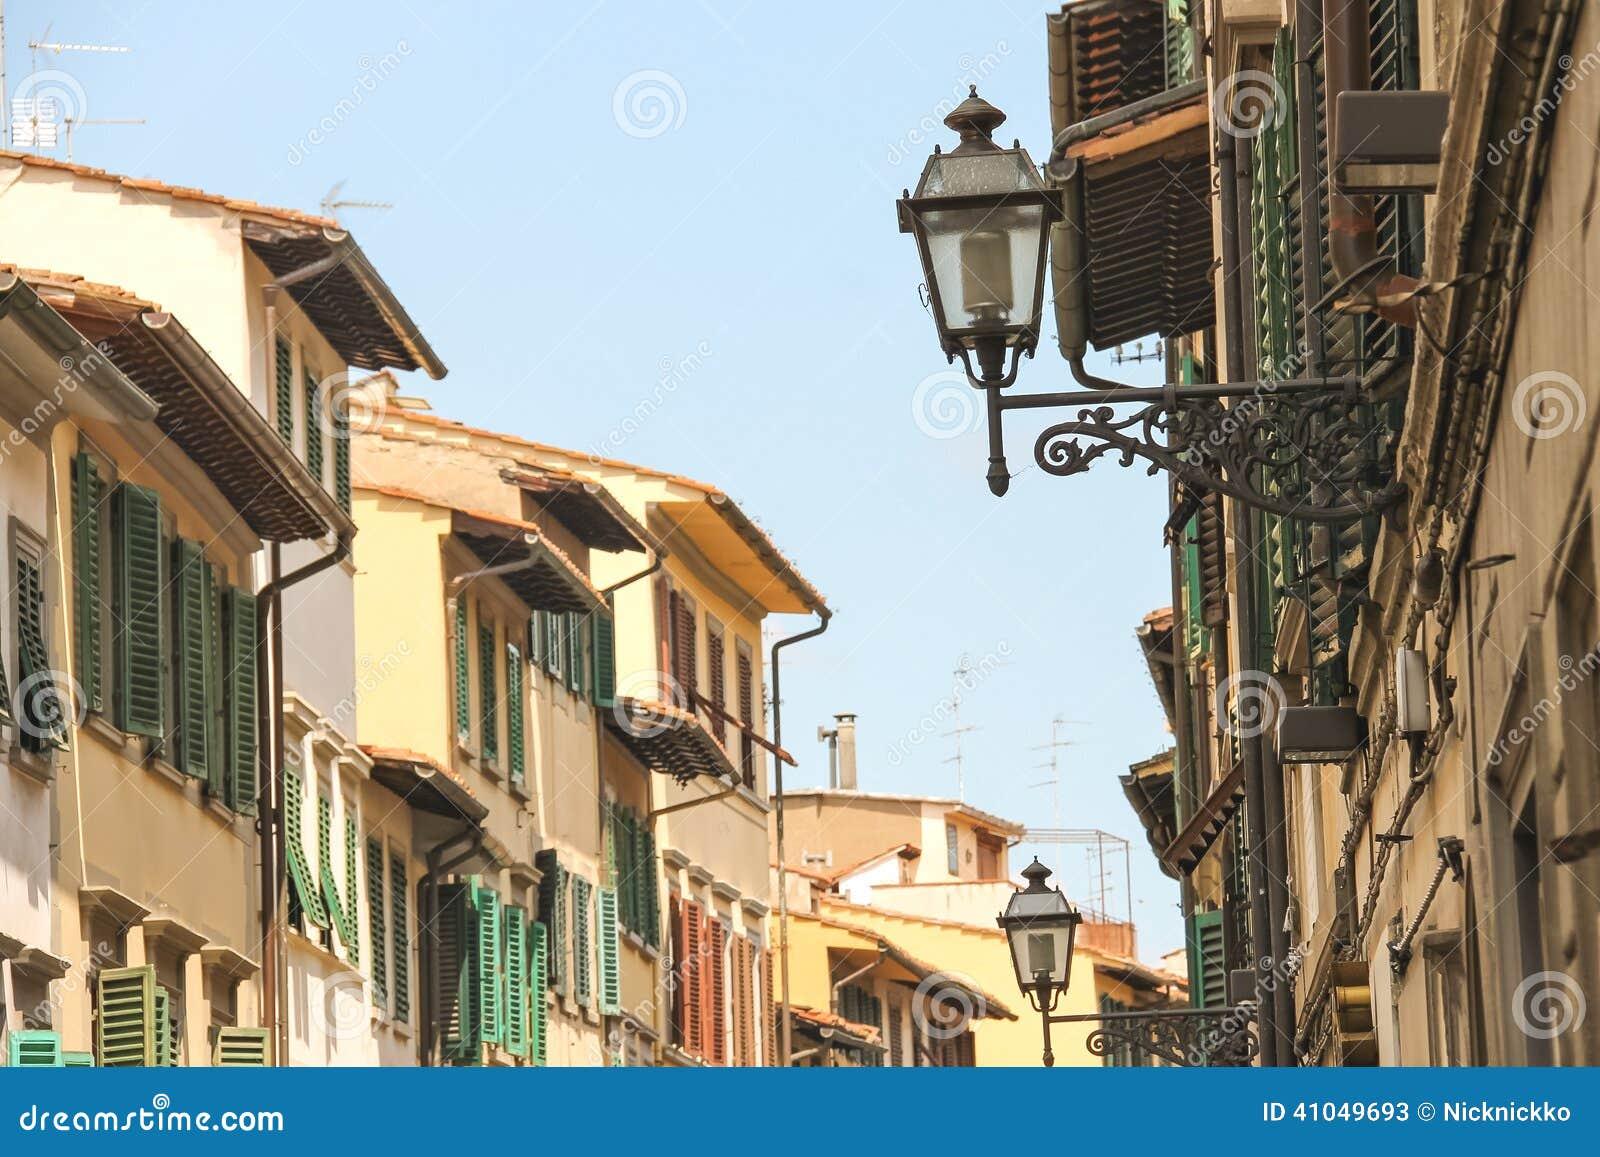 Linternas antiguas en las fachadas de las casas en for Fachadas de casas modernas en italia